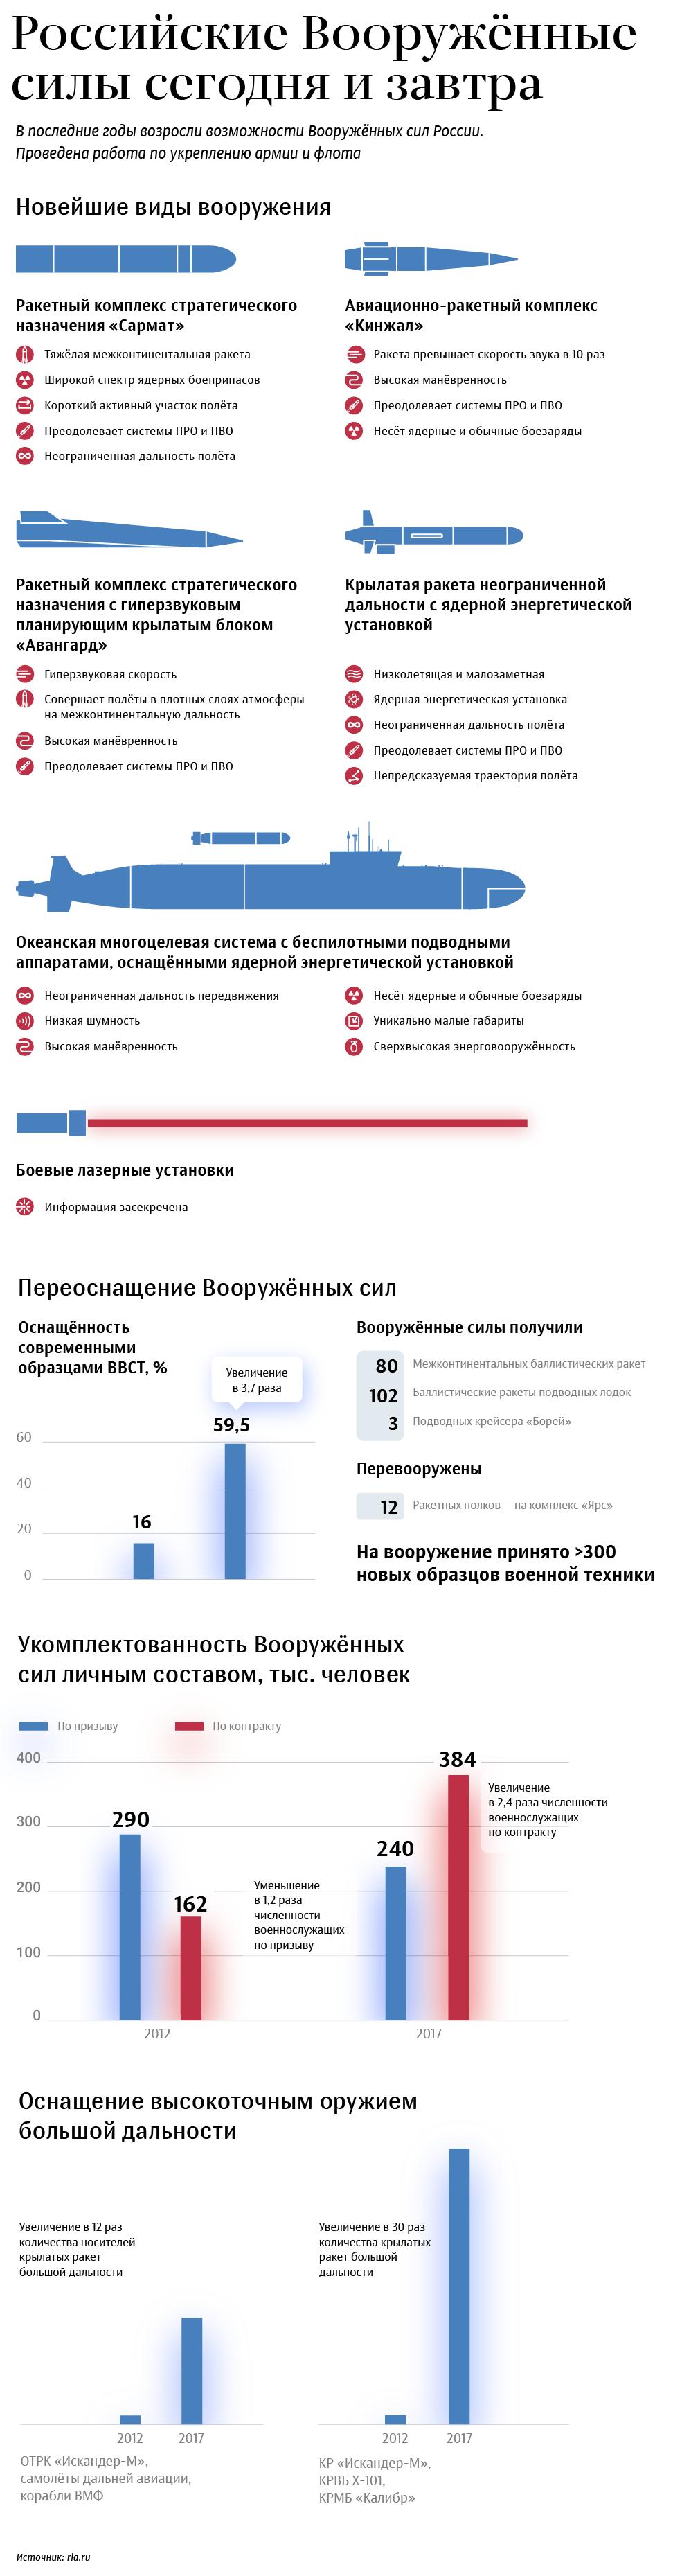 Российские Вооруженные силы сегодня и завтра